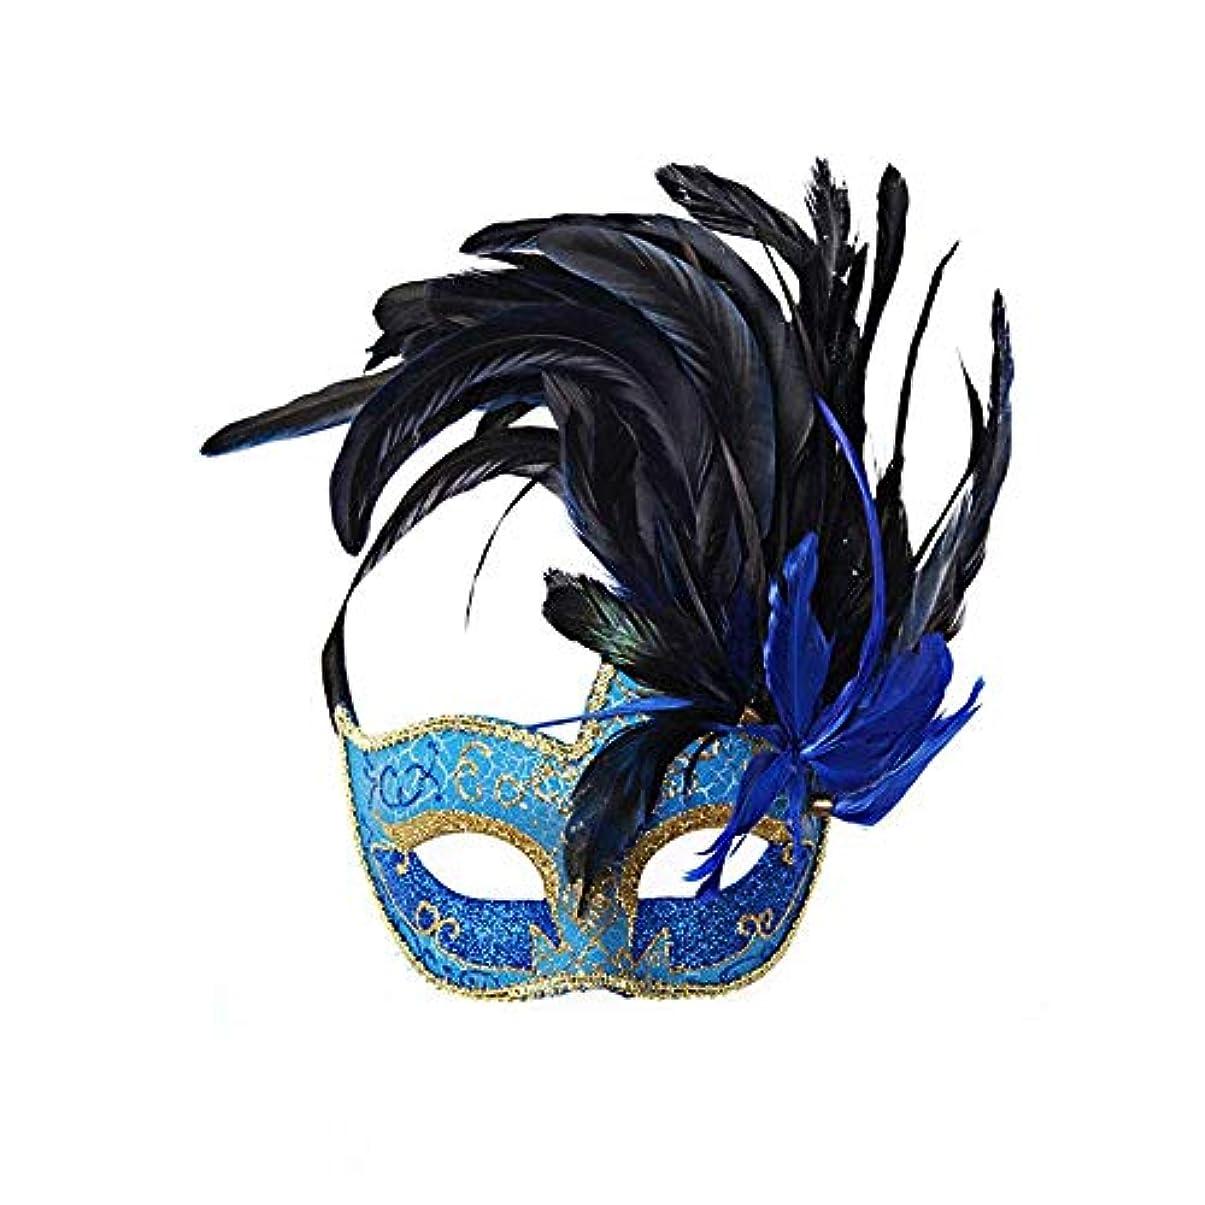 農奴ぴかぴかマルクス主義Nanle ハロウィンマスクハーフフェザーマスクベニスプリンセスマスク美容レース仮面ライダーコスプレ (色 : Style A blue)